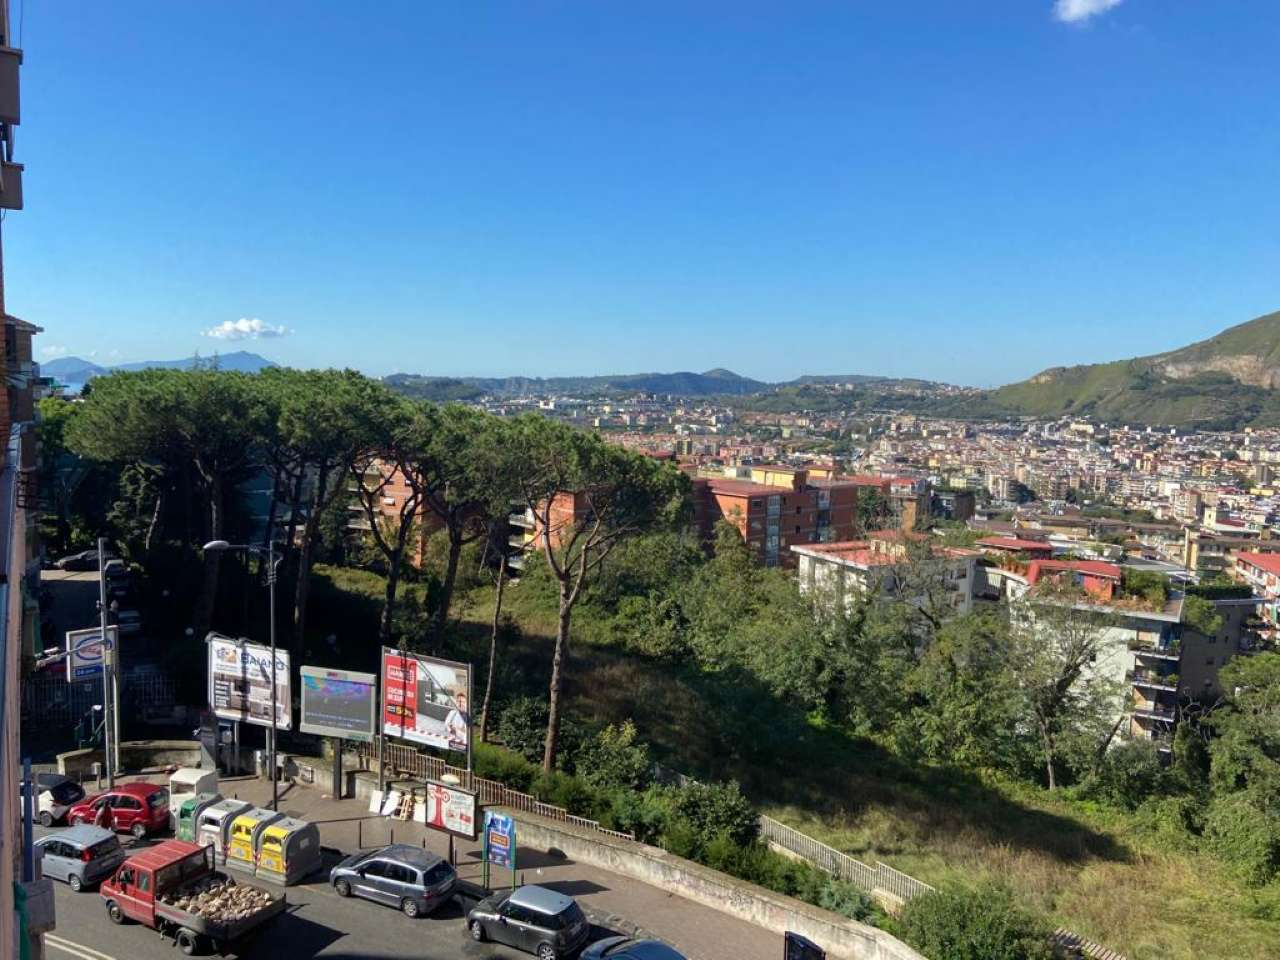 Appartamento, Via Francesco Cilea, Zona Vomero, Napoli, foto 17